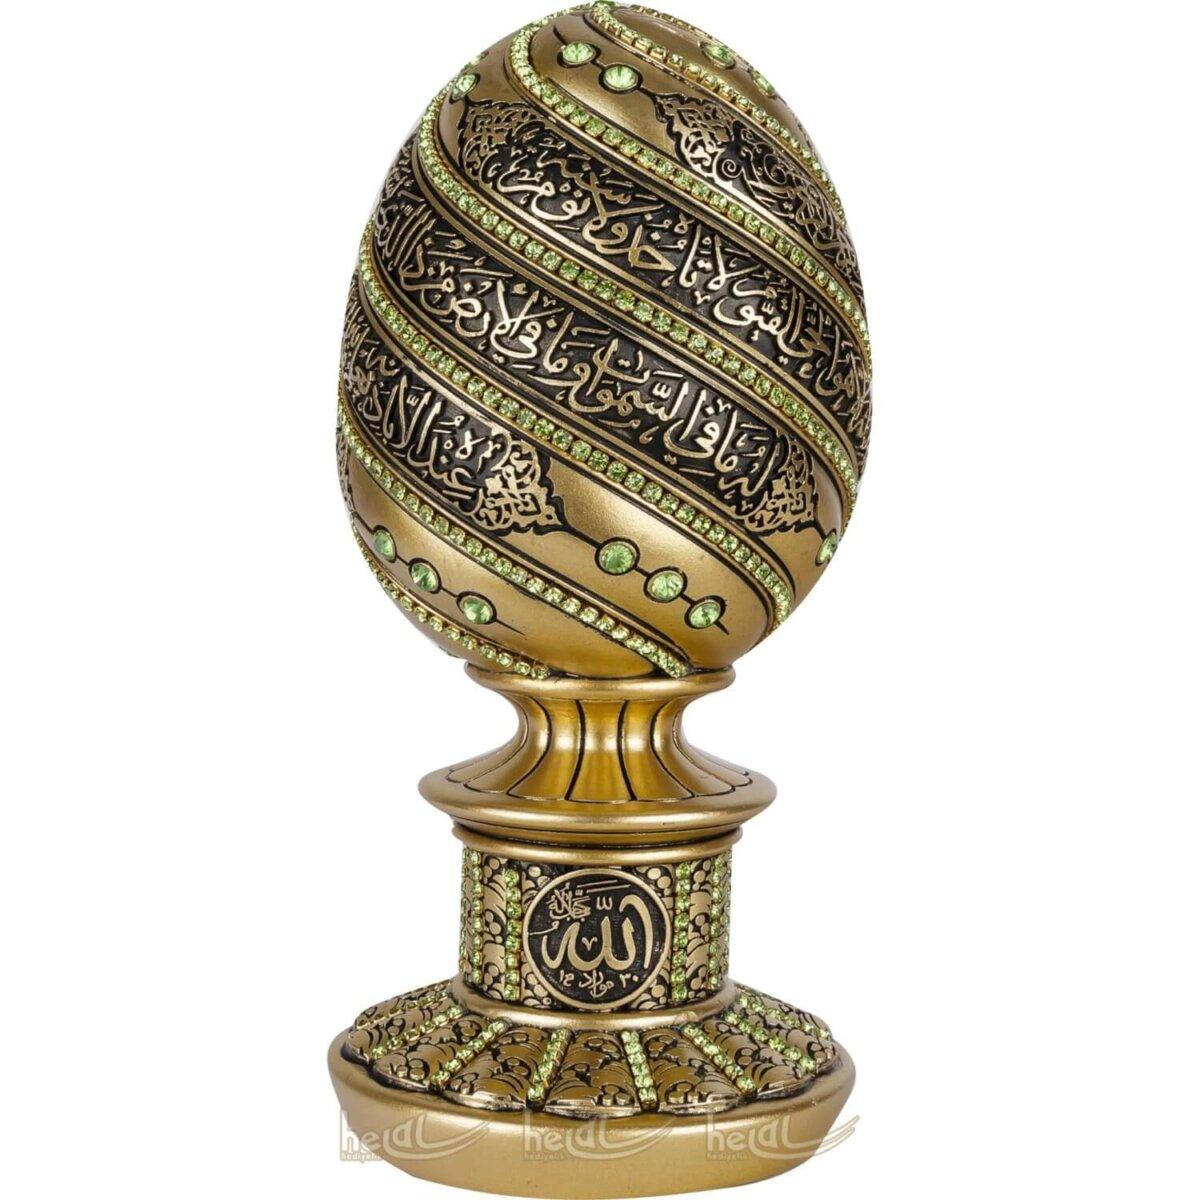 Mini Boy Ayetel Kürsi Dualı Altın Varaklı Kristal Taşlı Lüks Biblo Dini Hediyeler (7×16 cm) Mini Boy Ayetel Kürsi Dualı Altın Varaklı Kristal Taşlı Lüks Biblo Dini Hediyeler (7×16 cm)